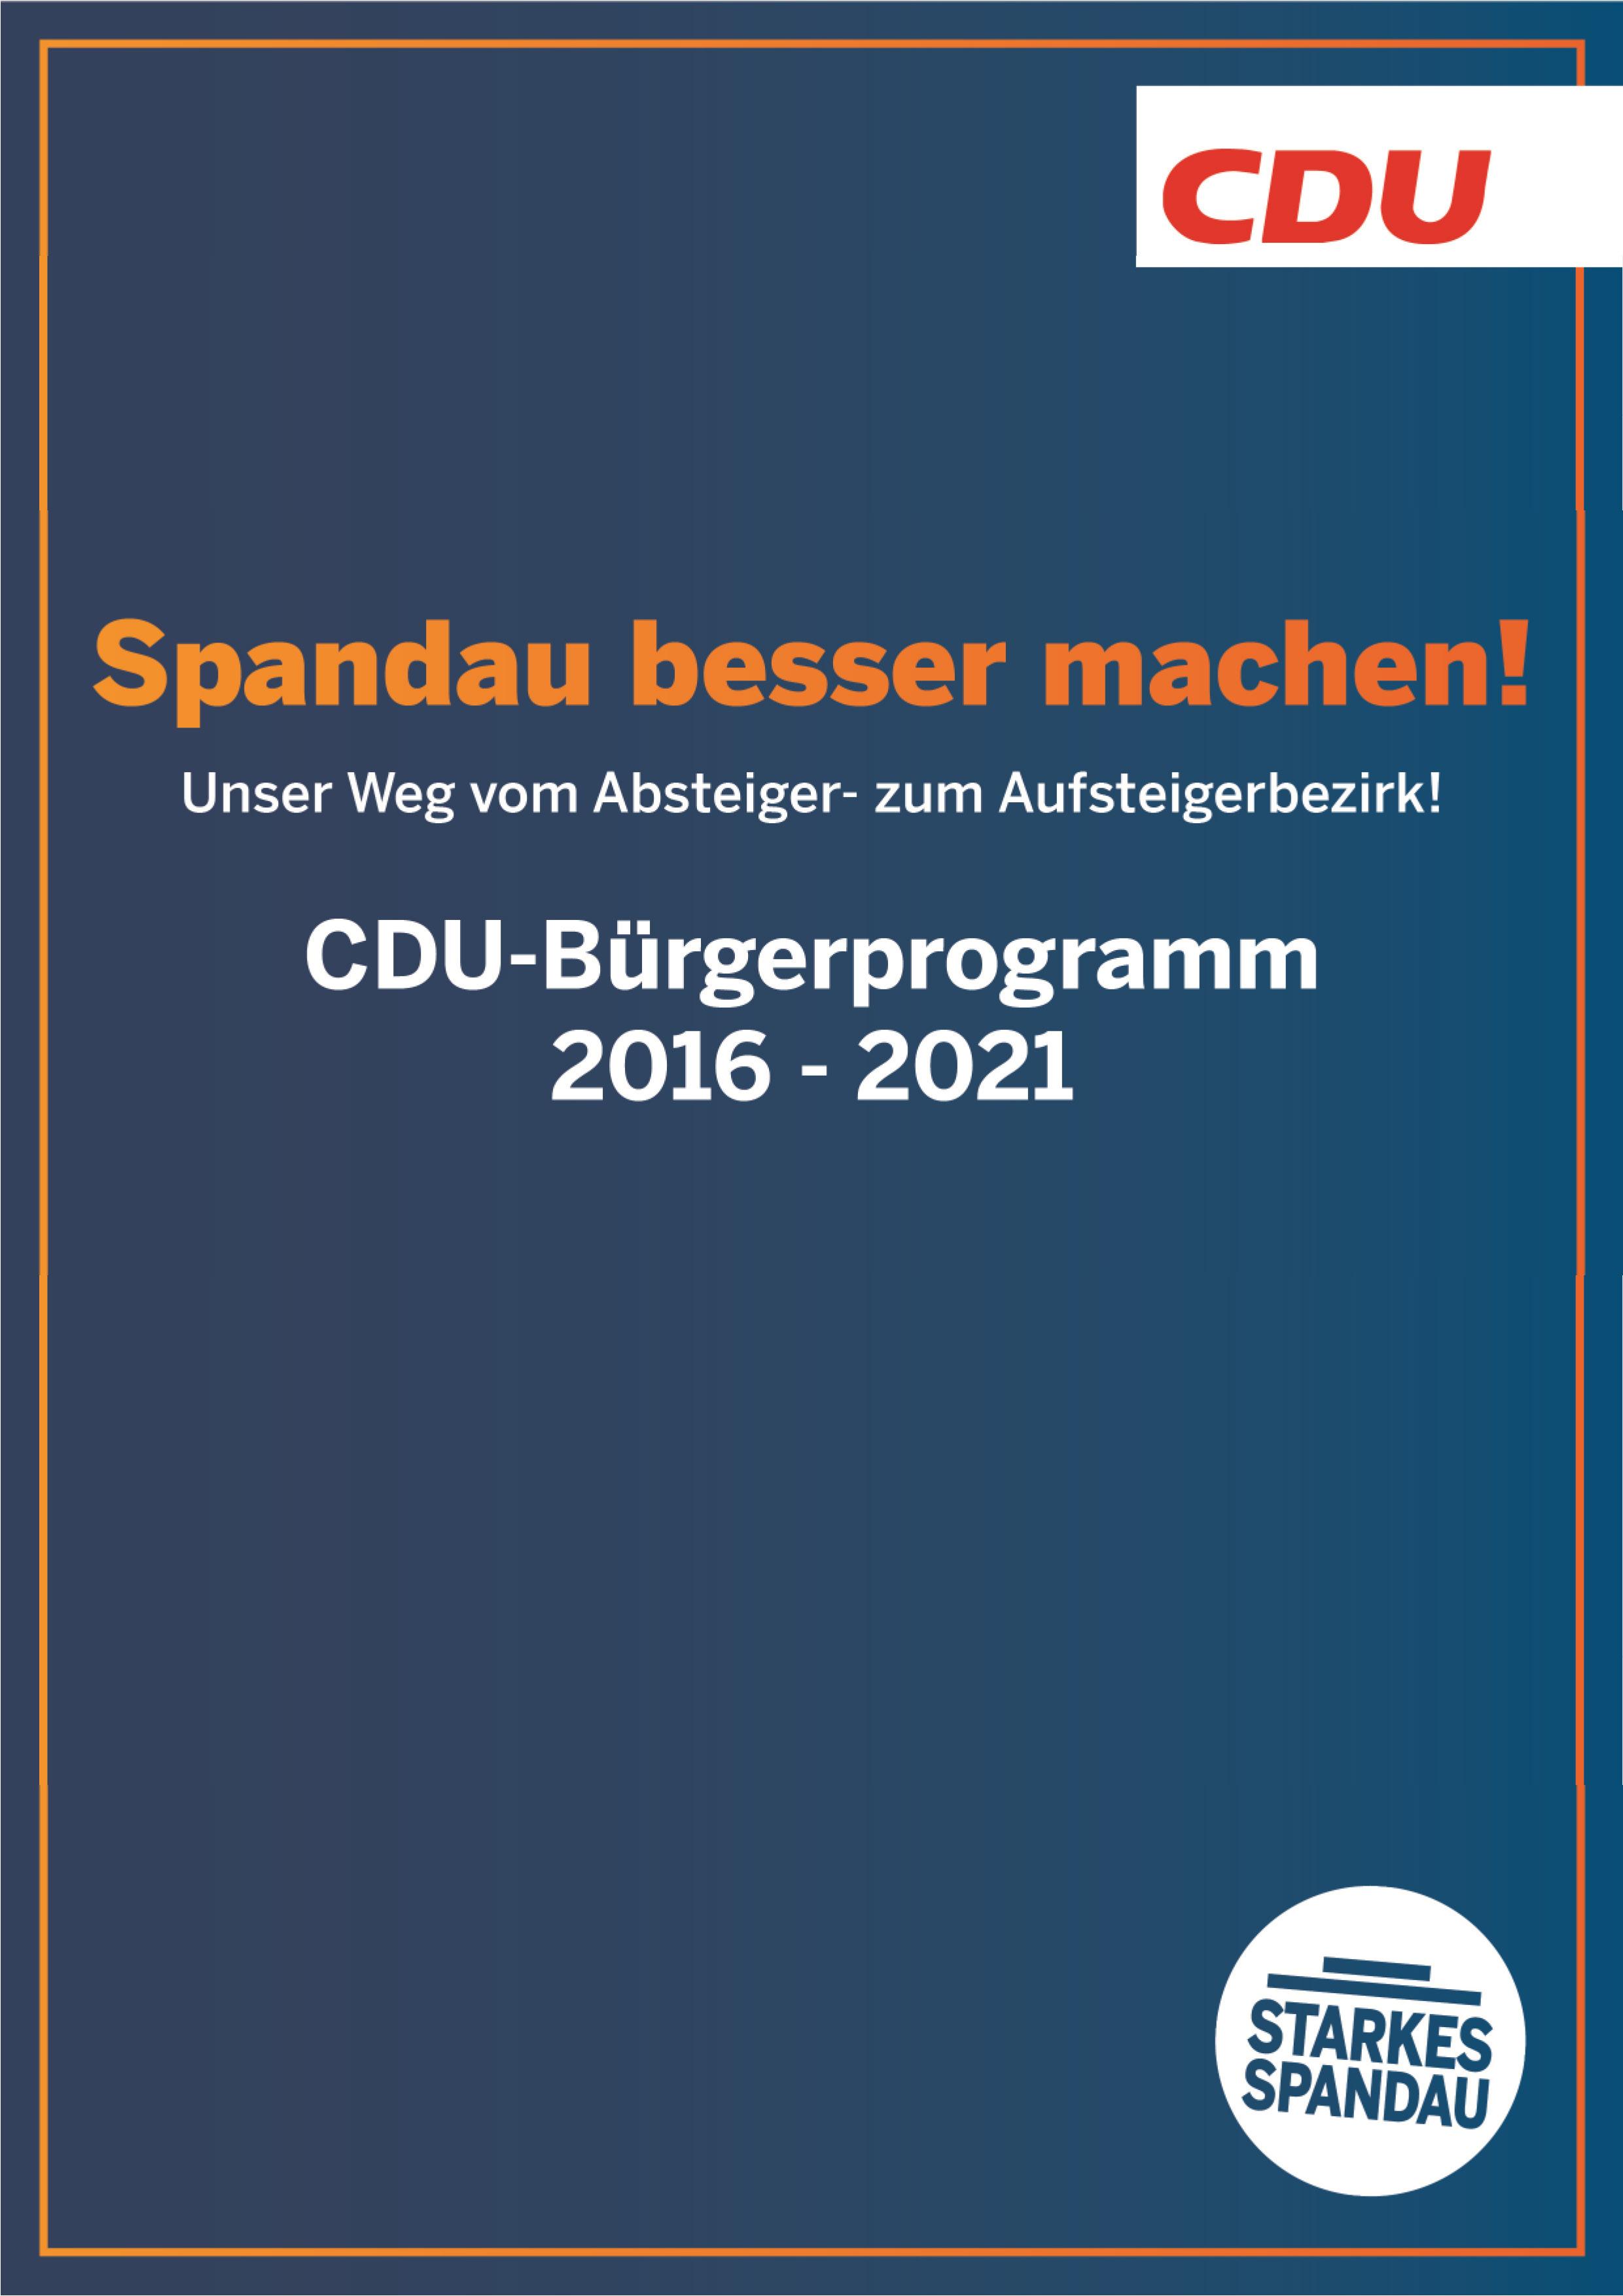 CDU-Bürgerprogramm 2016 - 2021